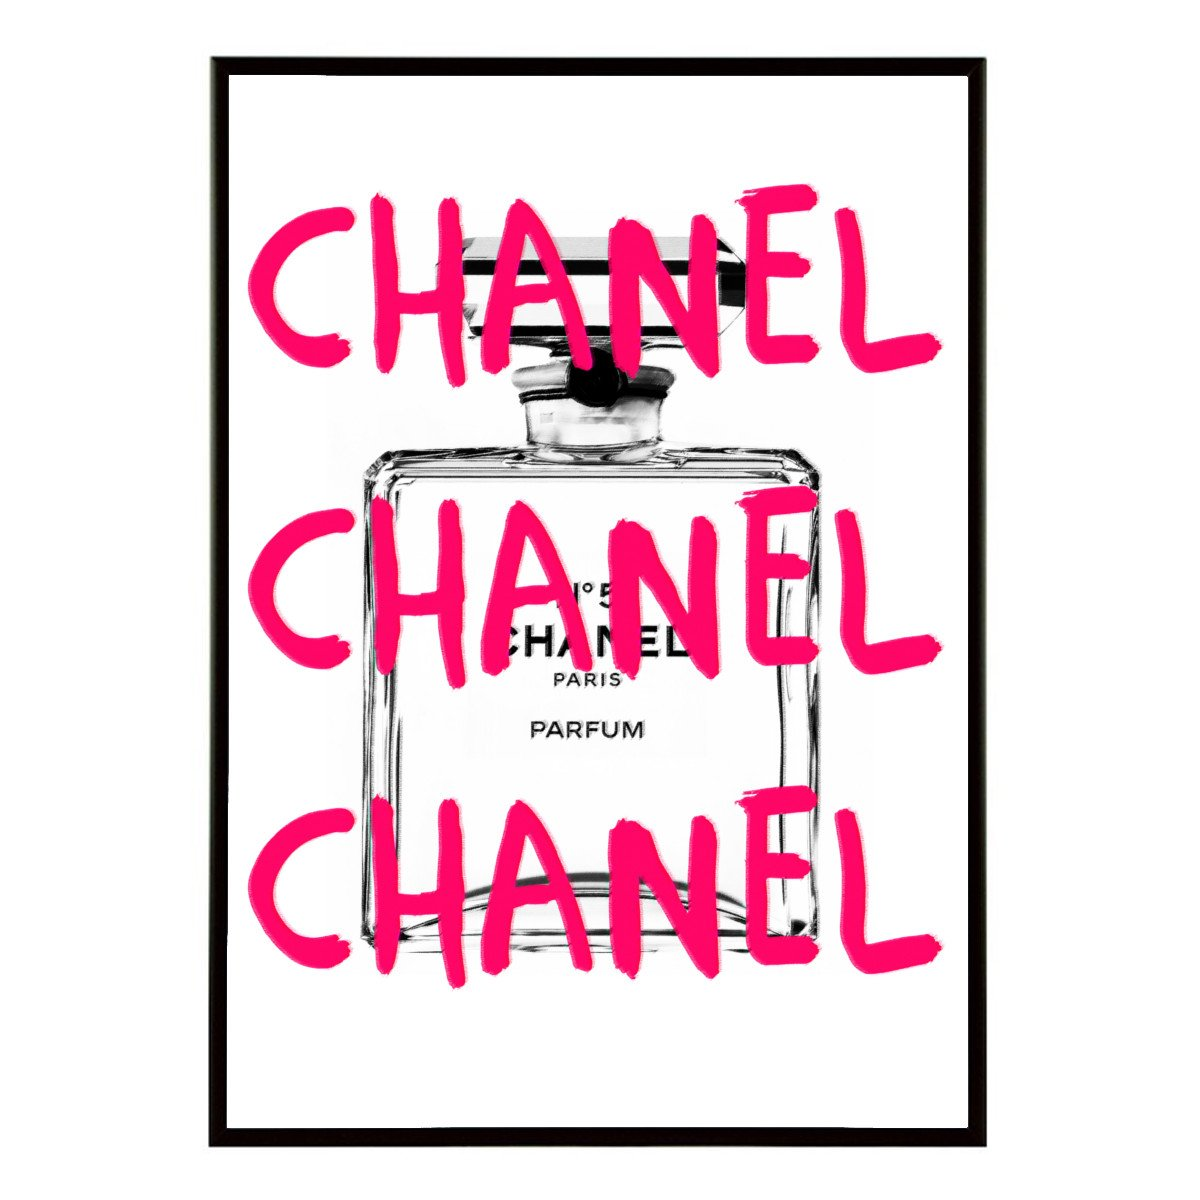 Aroma of Paris アートポスター おしゃれ インテリア 北欧 モノクロ アート #099 A2 ゴールドフレーム B0798RK2DC A2 (420 x 594mm)|ゴールドフレーム ゴールドフレーム A2 (420 x 594mm)